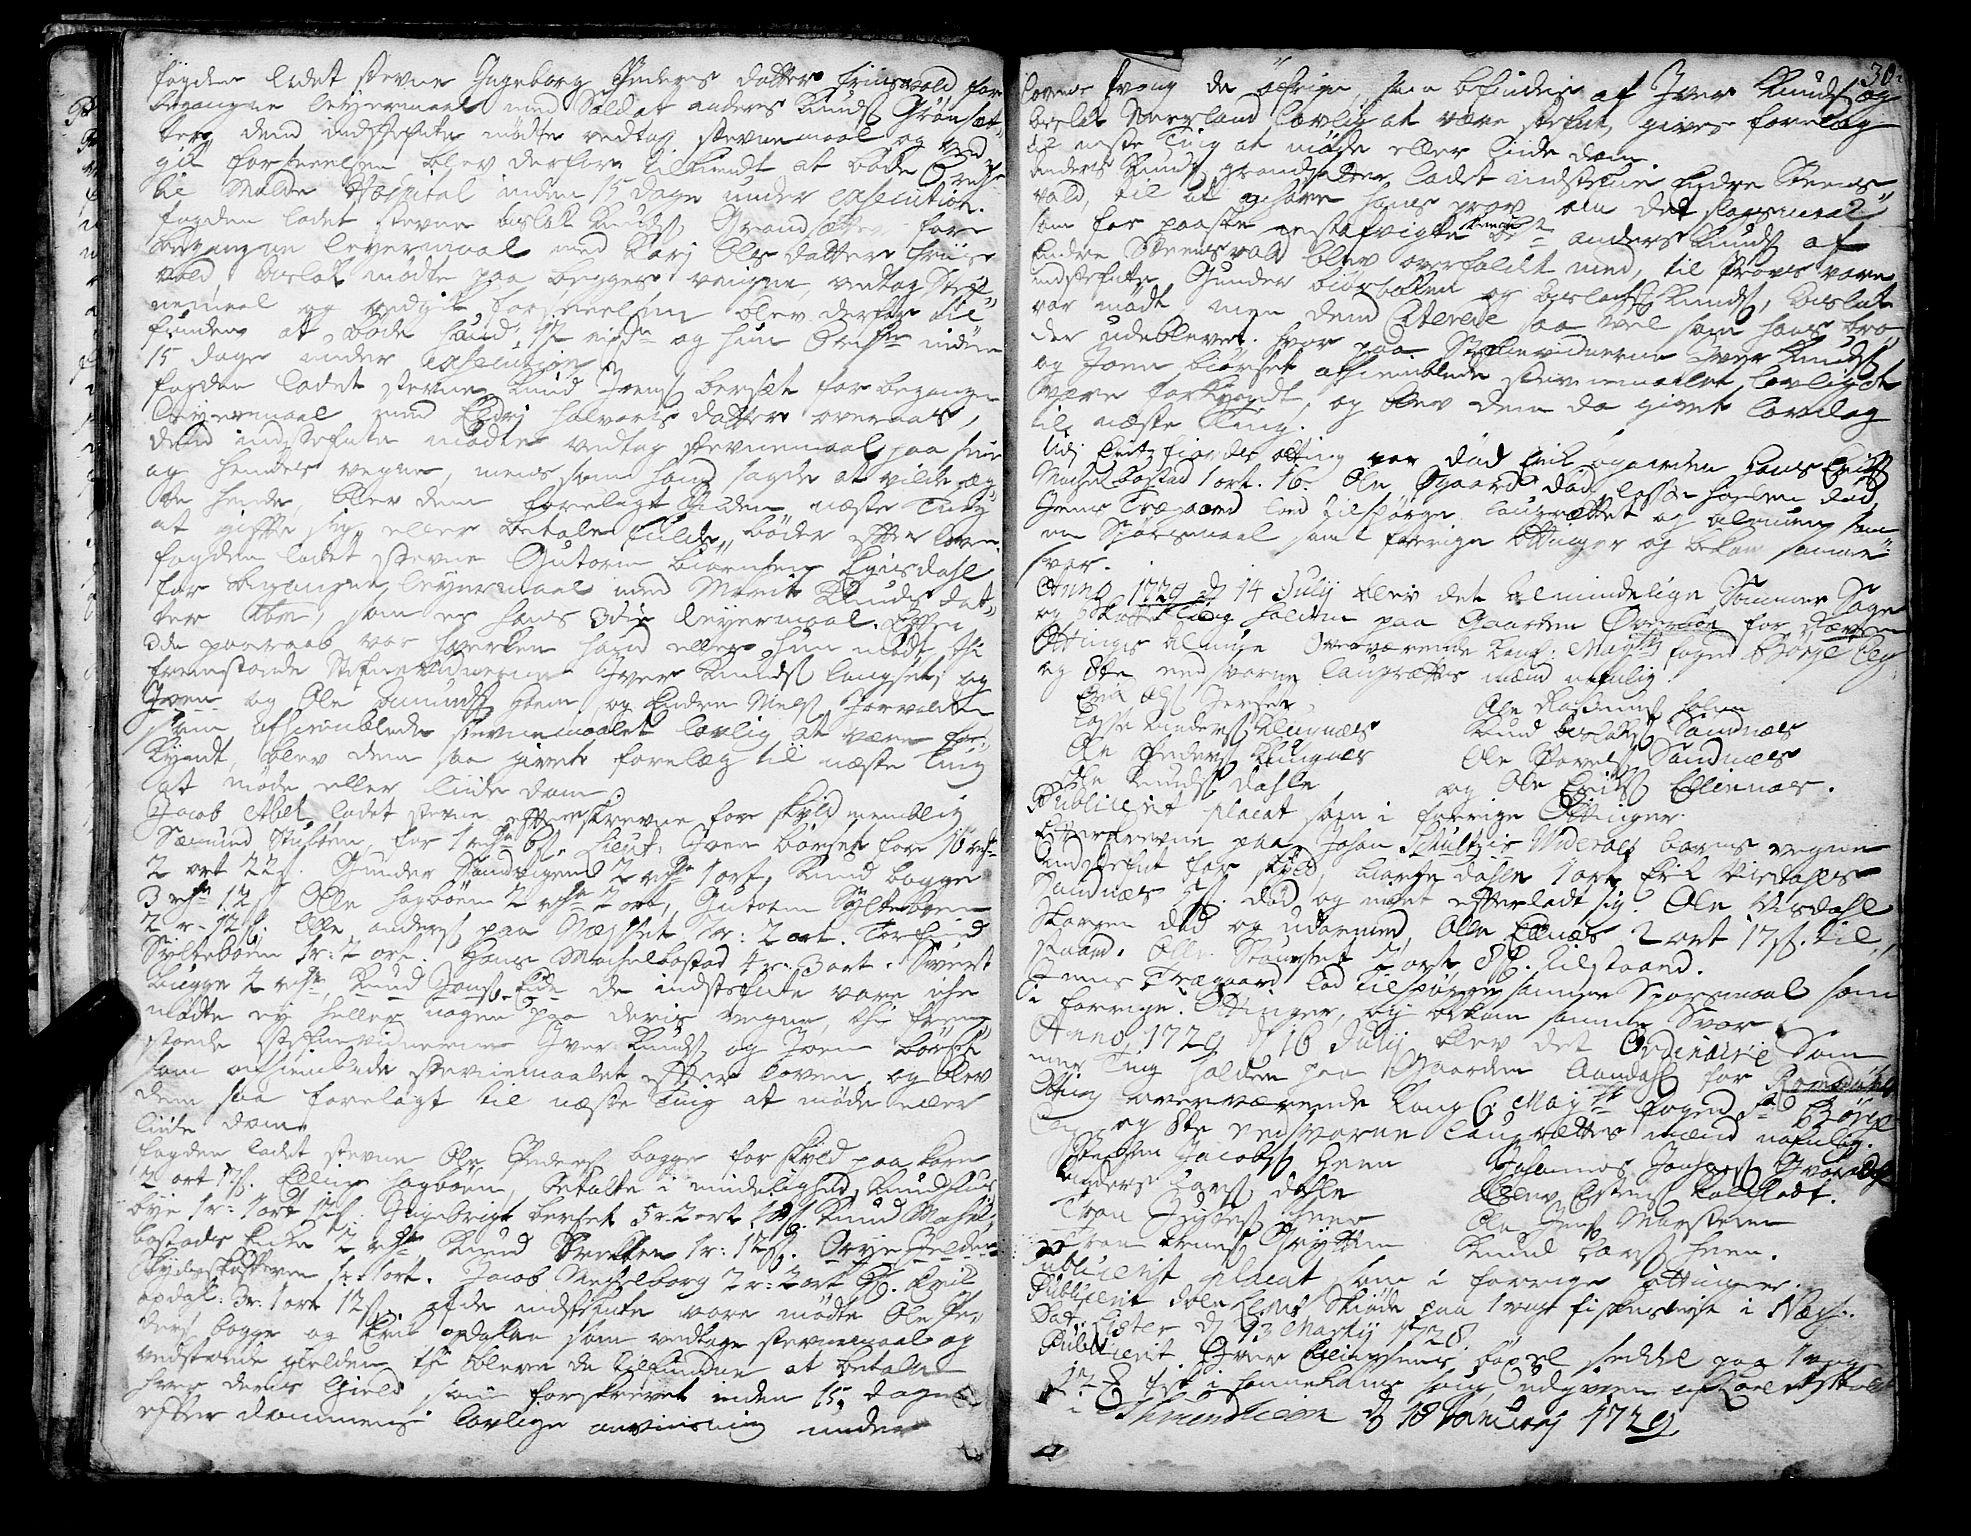 SAT, Romsdal sorenskriveri, 1/1A/L0010: Tingbok, 1728-1732, s. 30